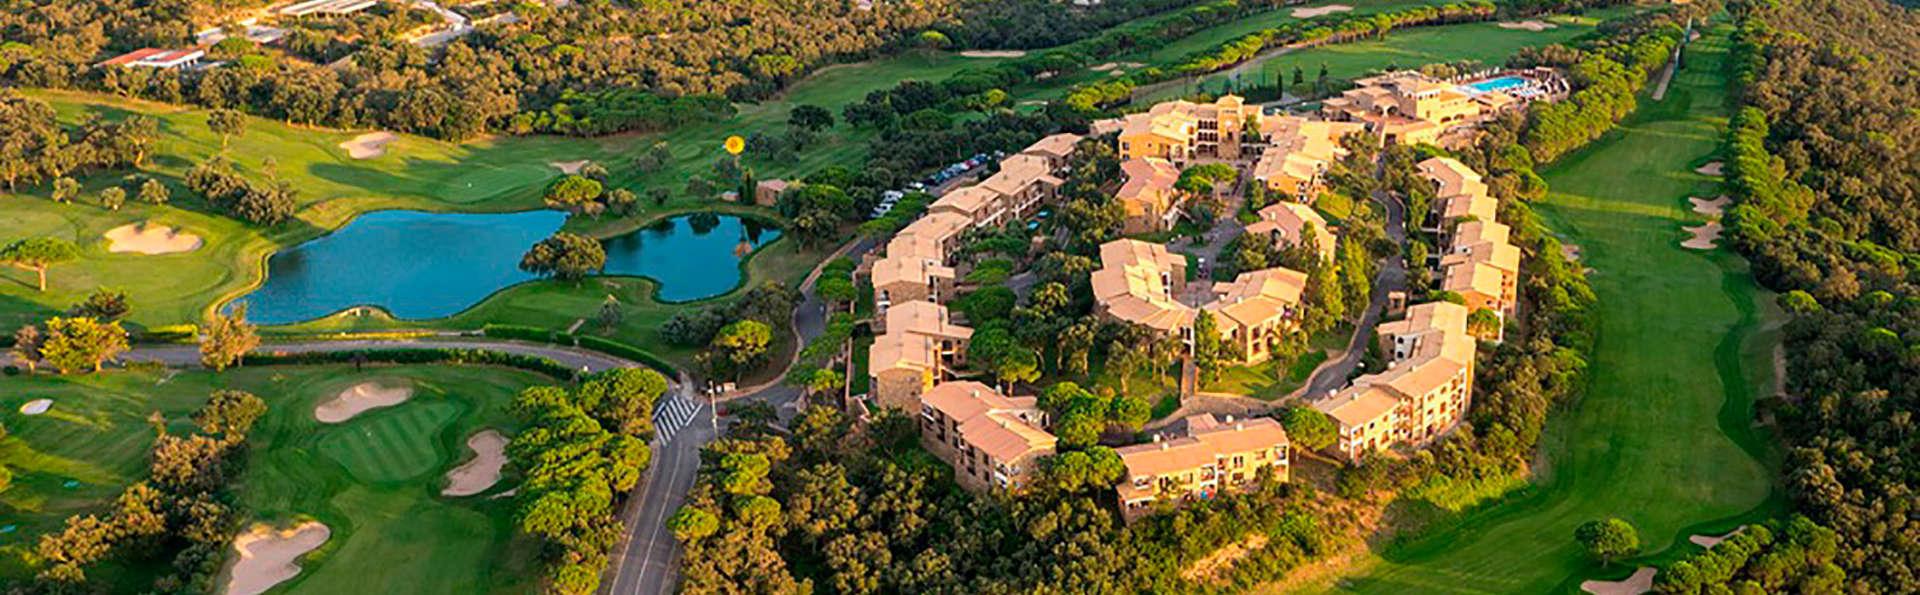 Escapade de luxe dans le meilleur resort d'apartements sur la Costa Brava (Platja d' Aro)